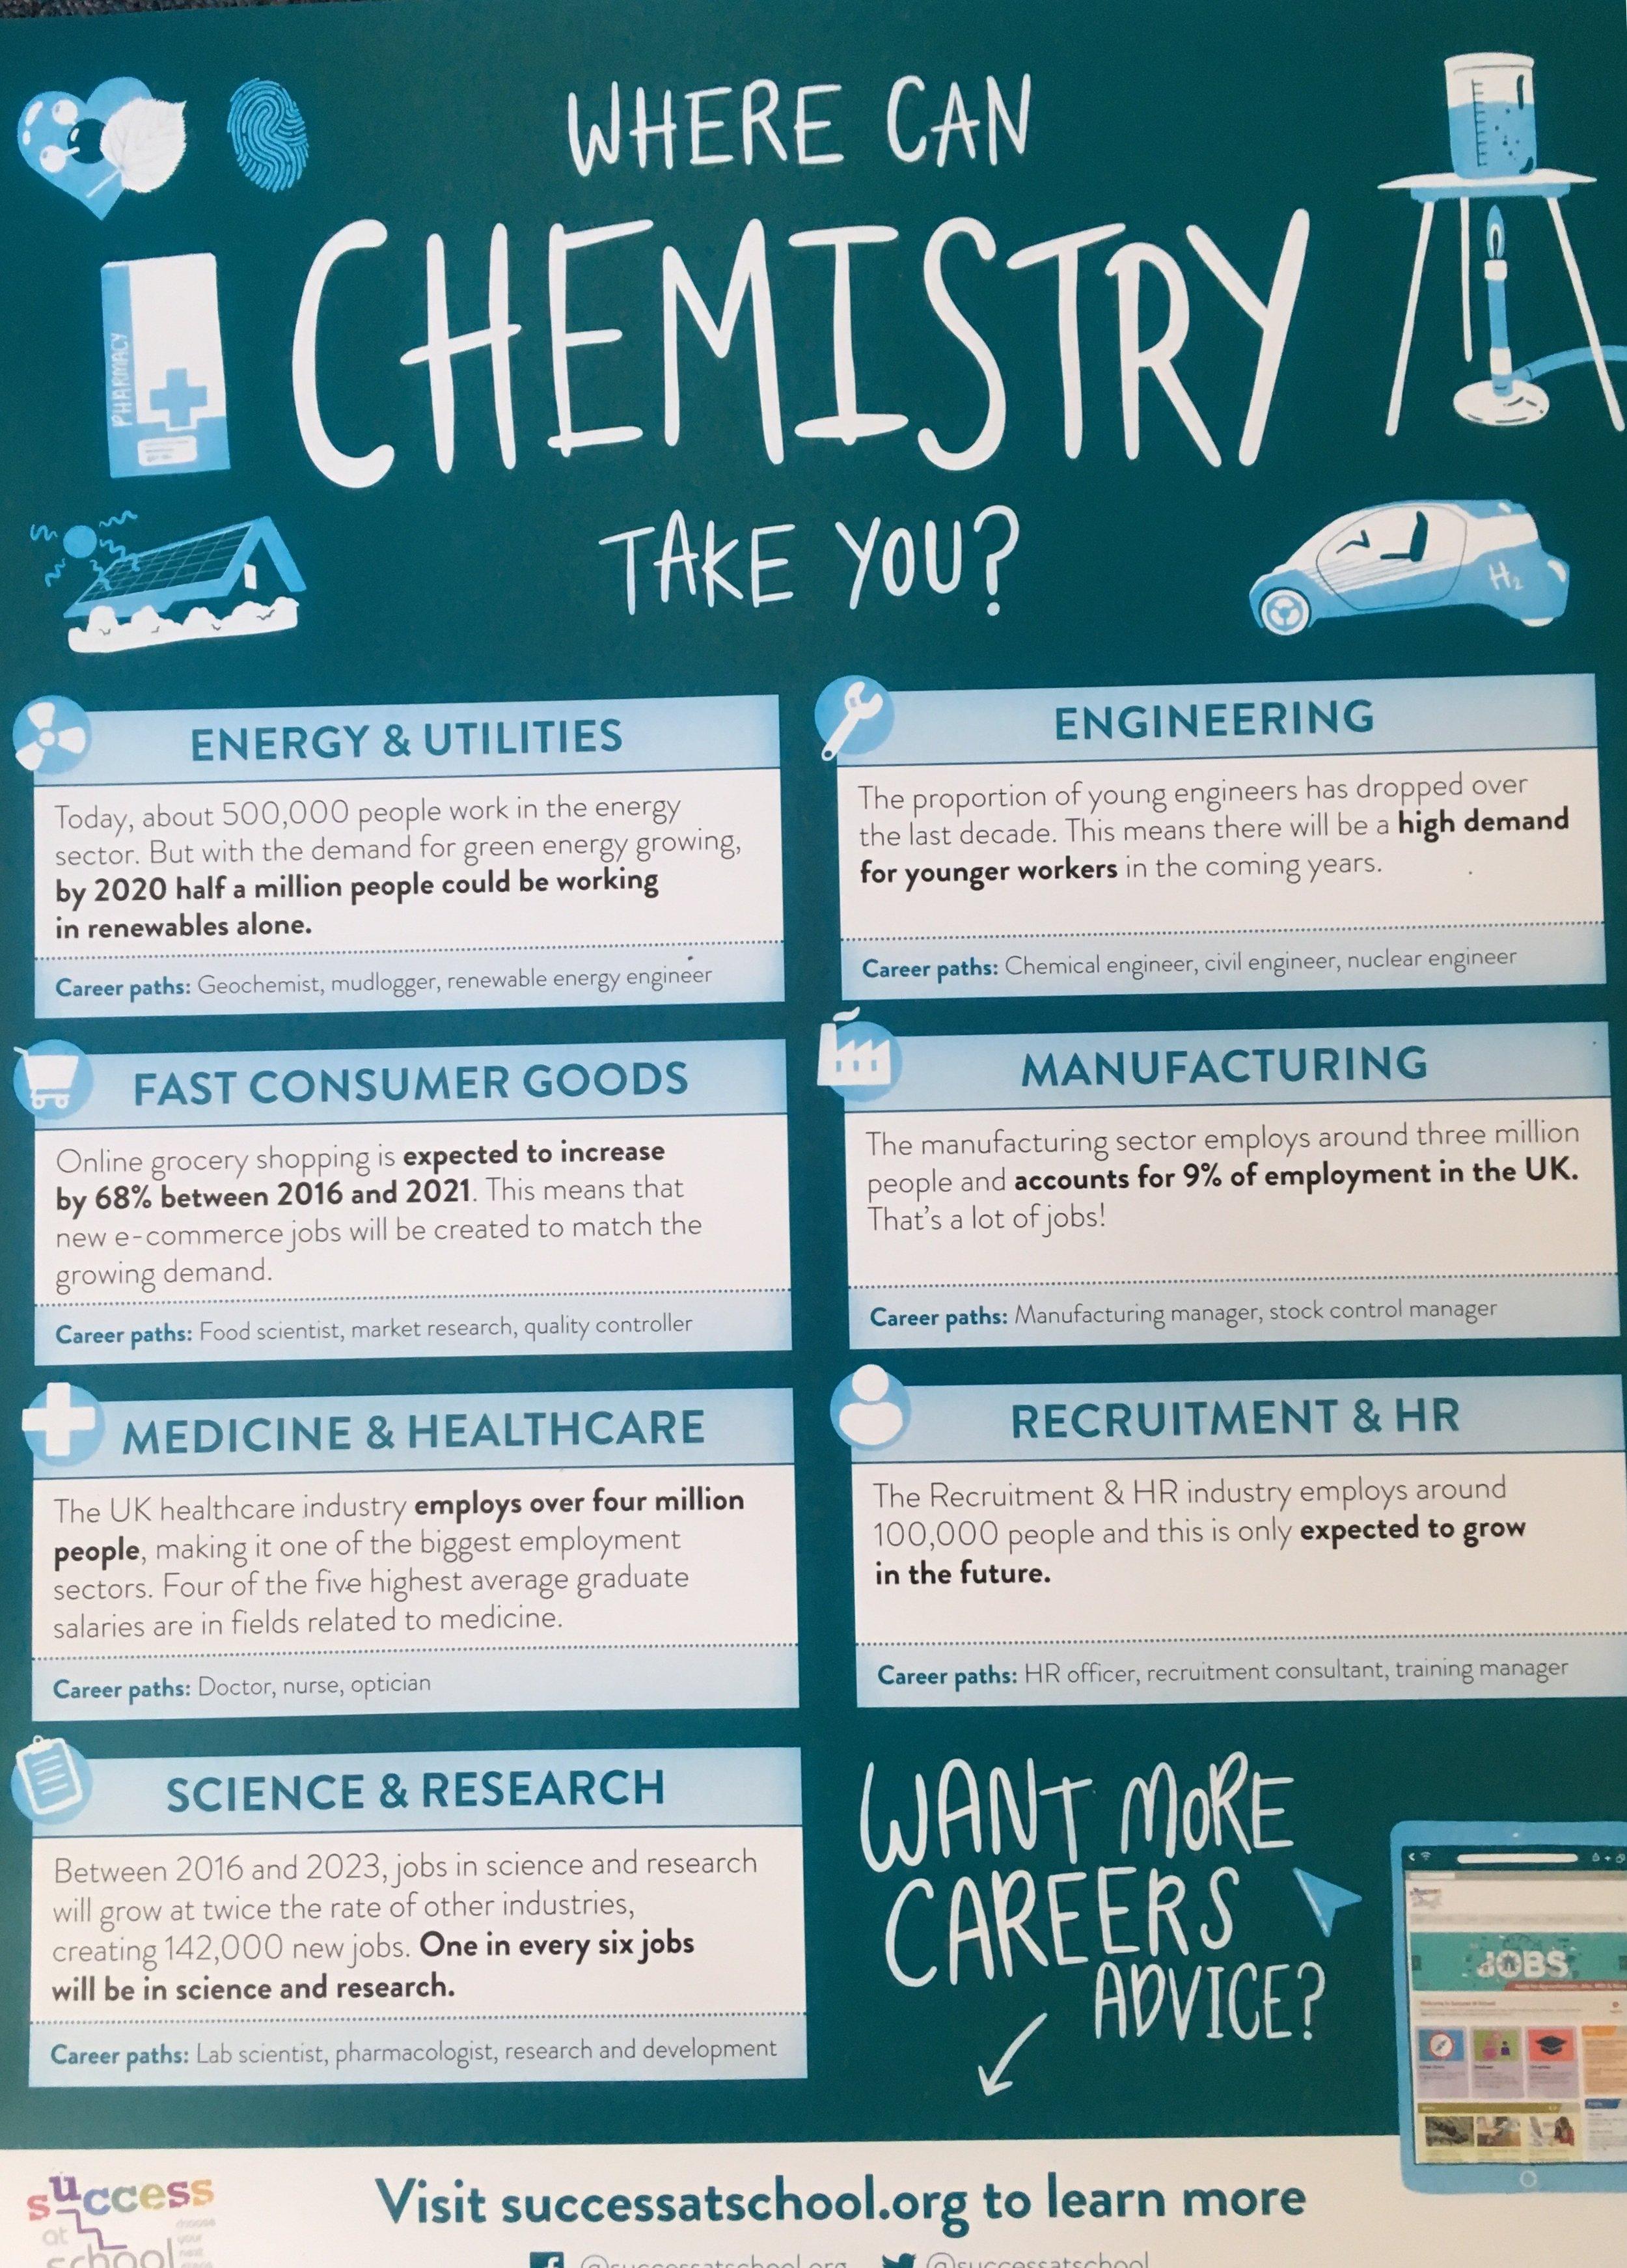 Chem 2.jpg